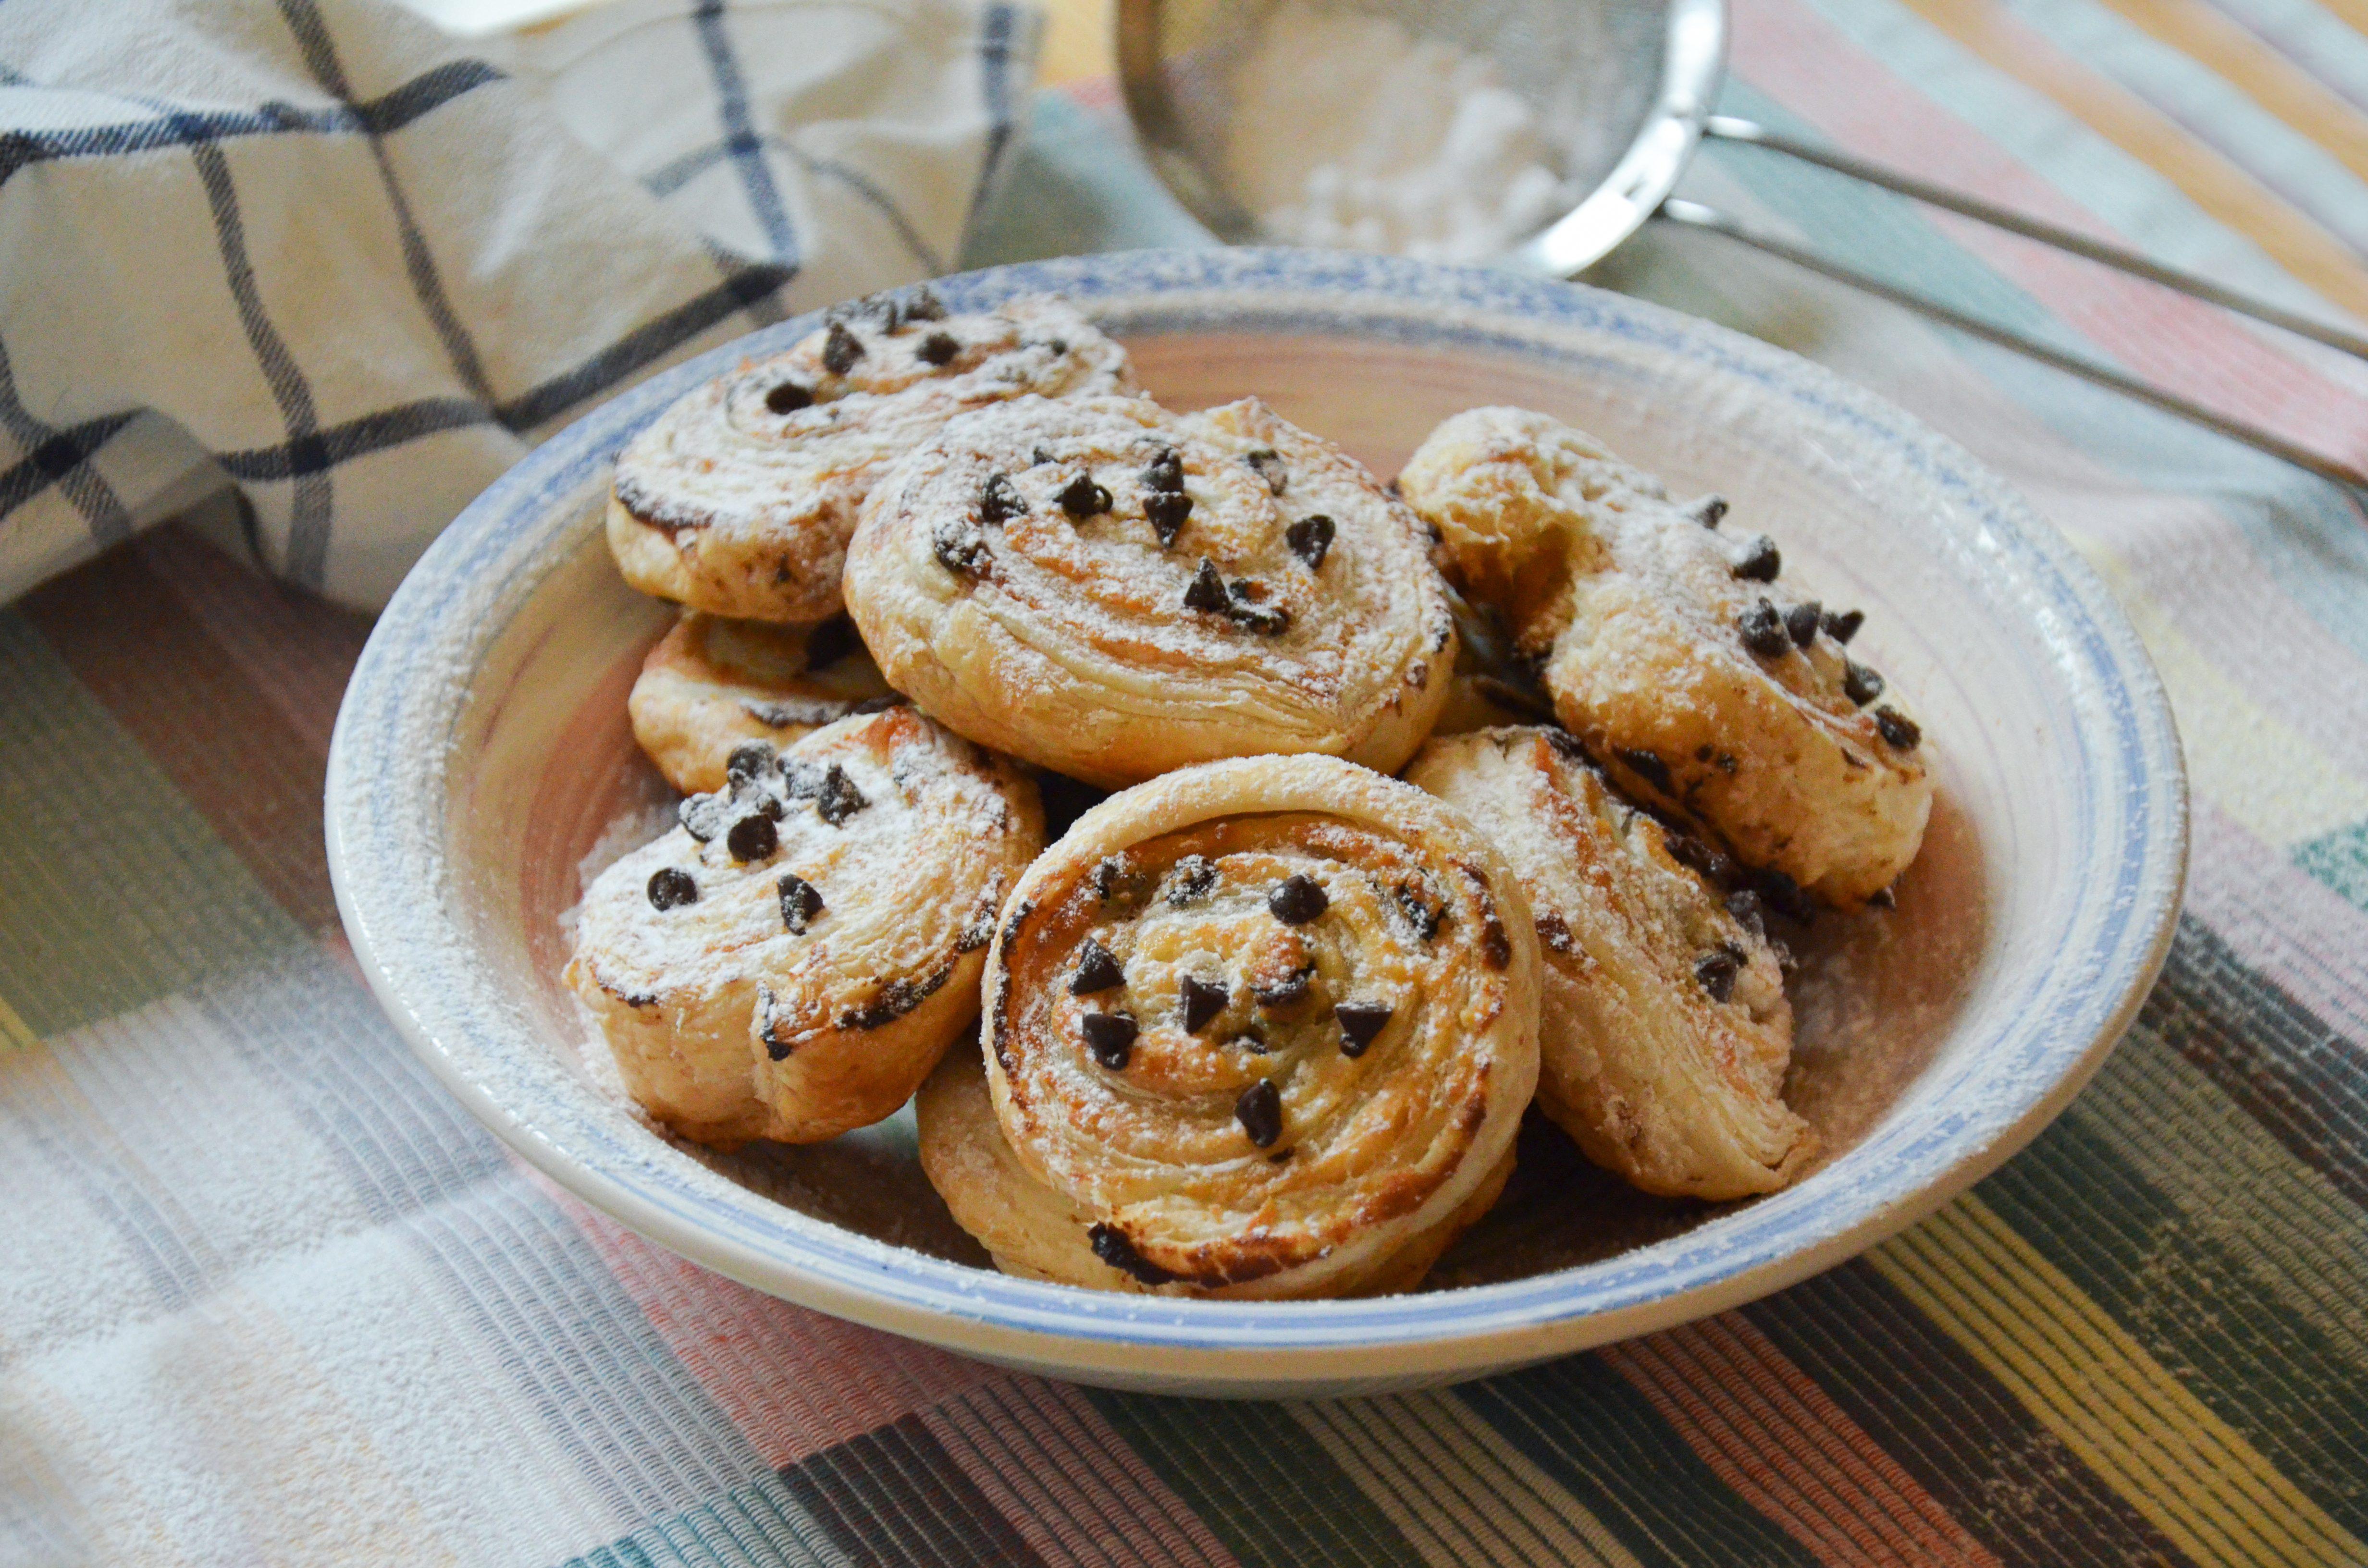 Girelle di pasta sfoglia dolci: la ricetta della merenda semplice e golosa